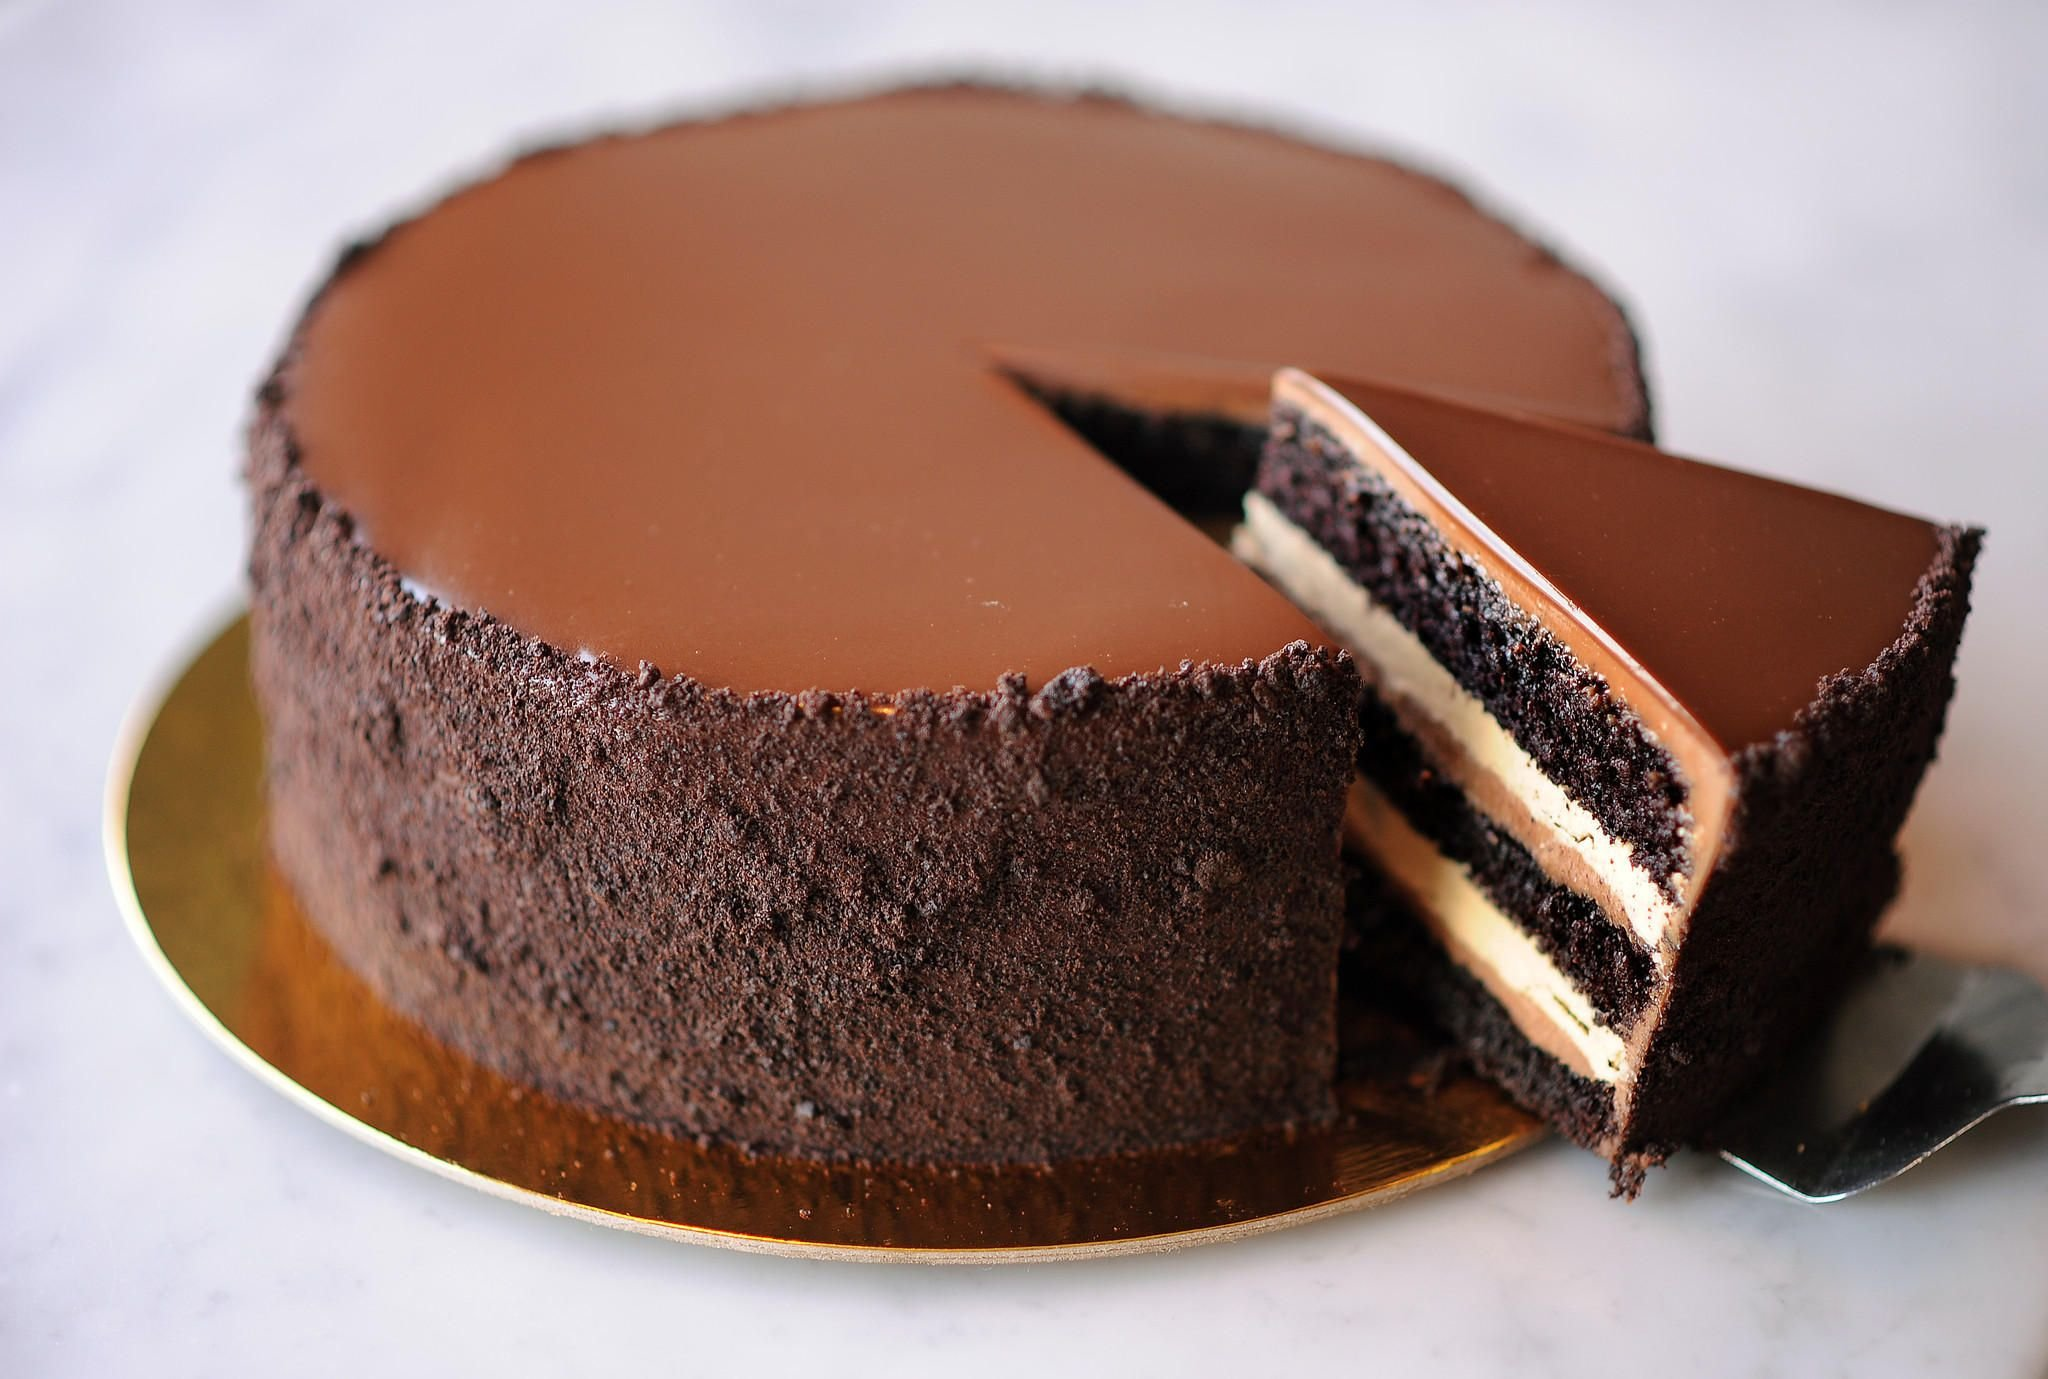 неизвестно точно, рецепт торта поцелуй негра с фото бьют теряют все